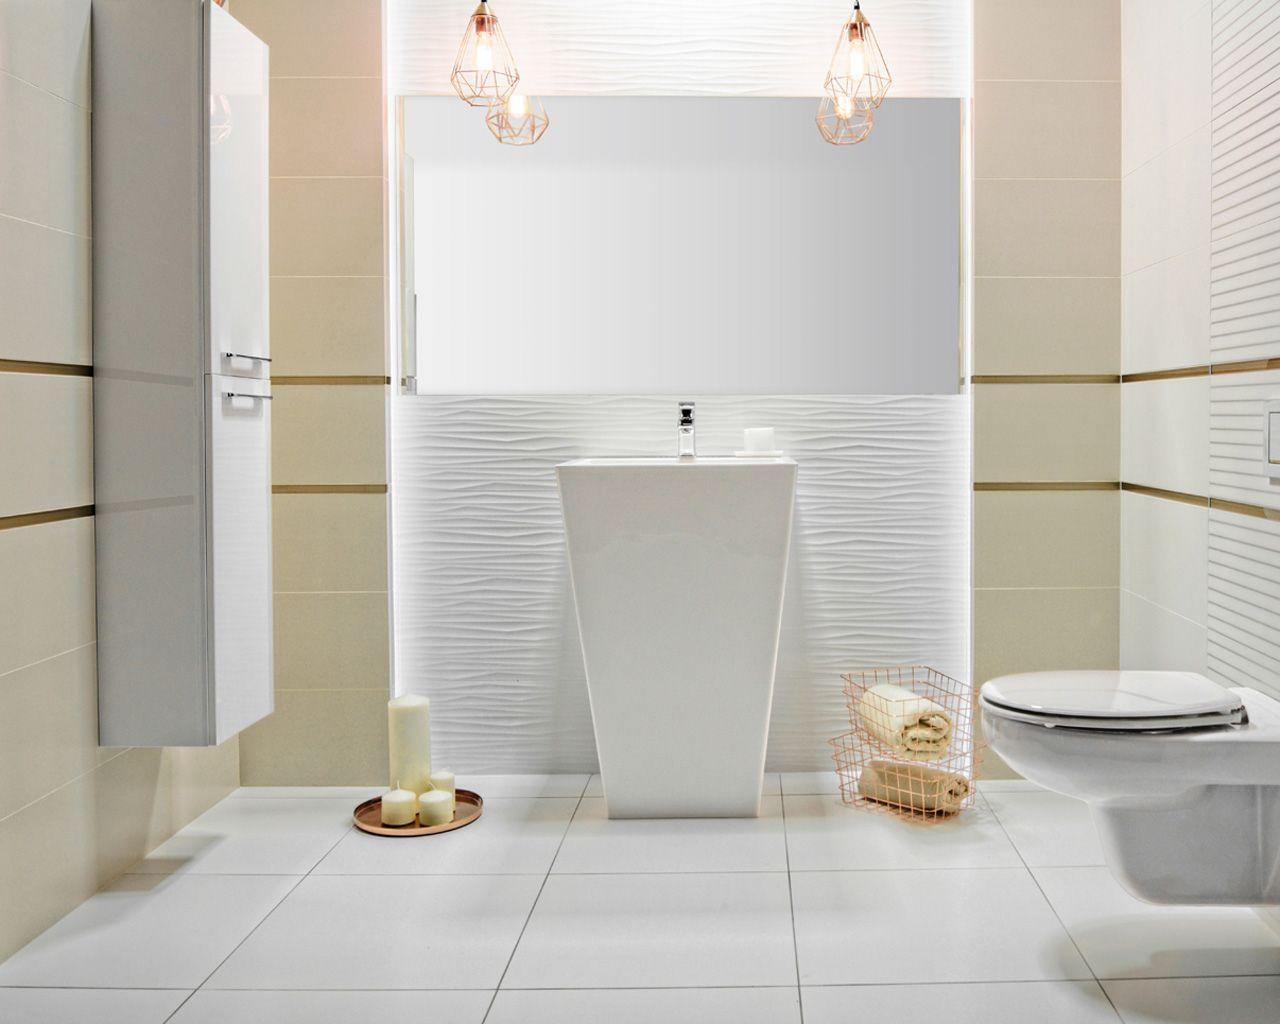 Zabawy Strukturą W Minimalistycznej łazience Ceramika Paradyż